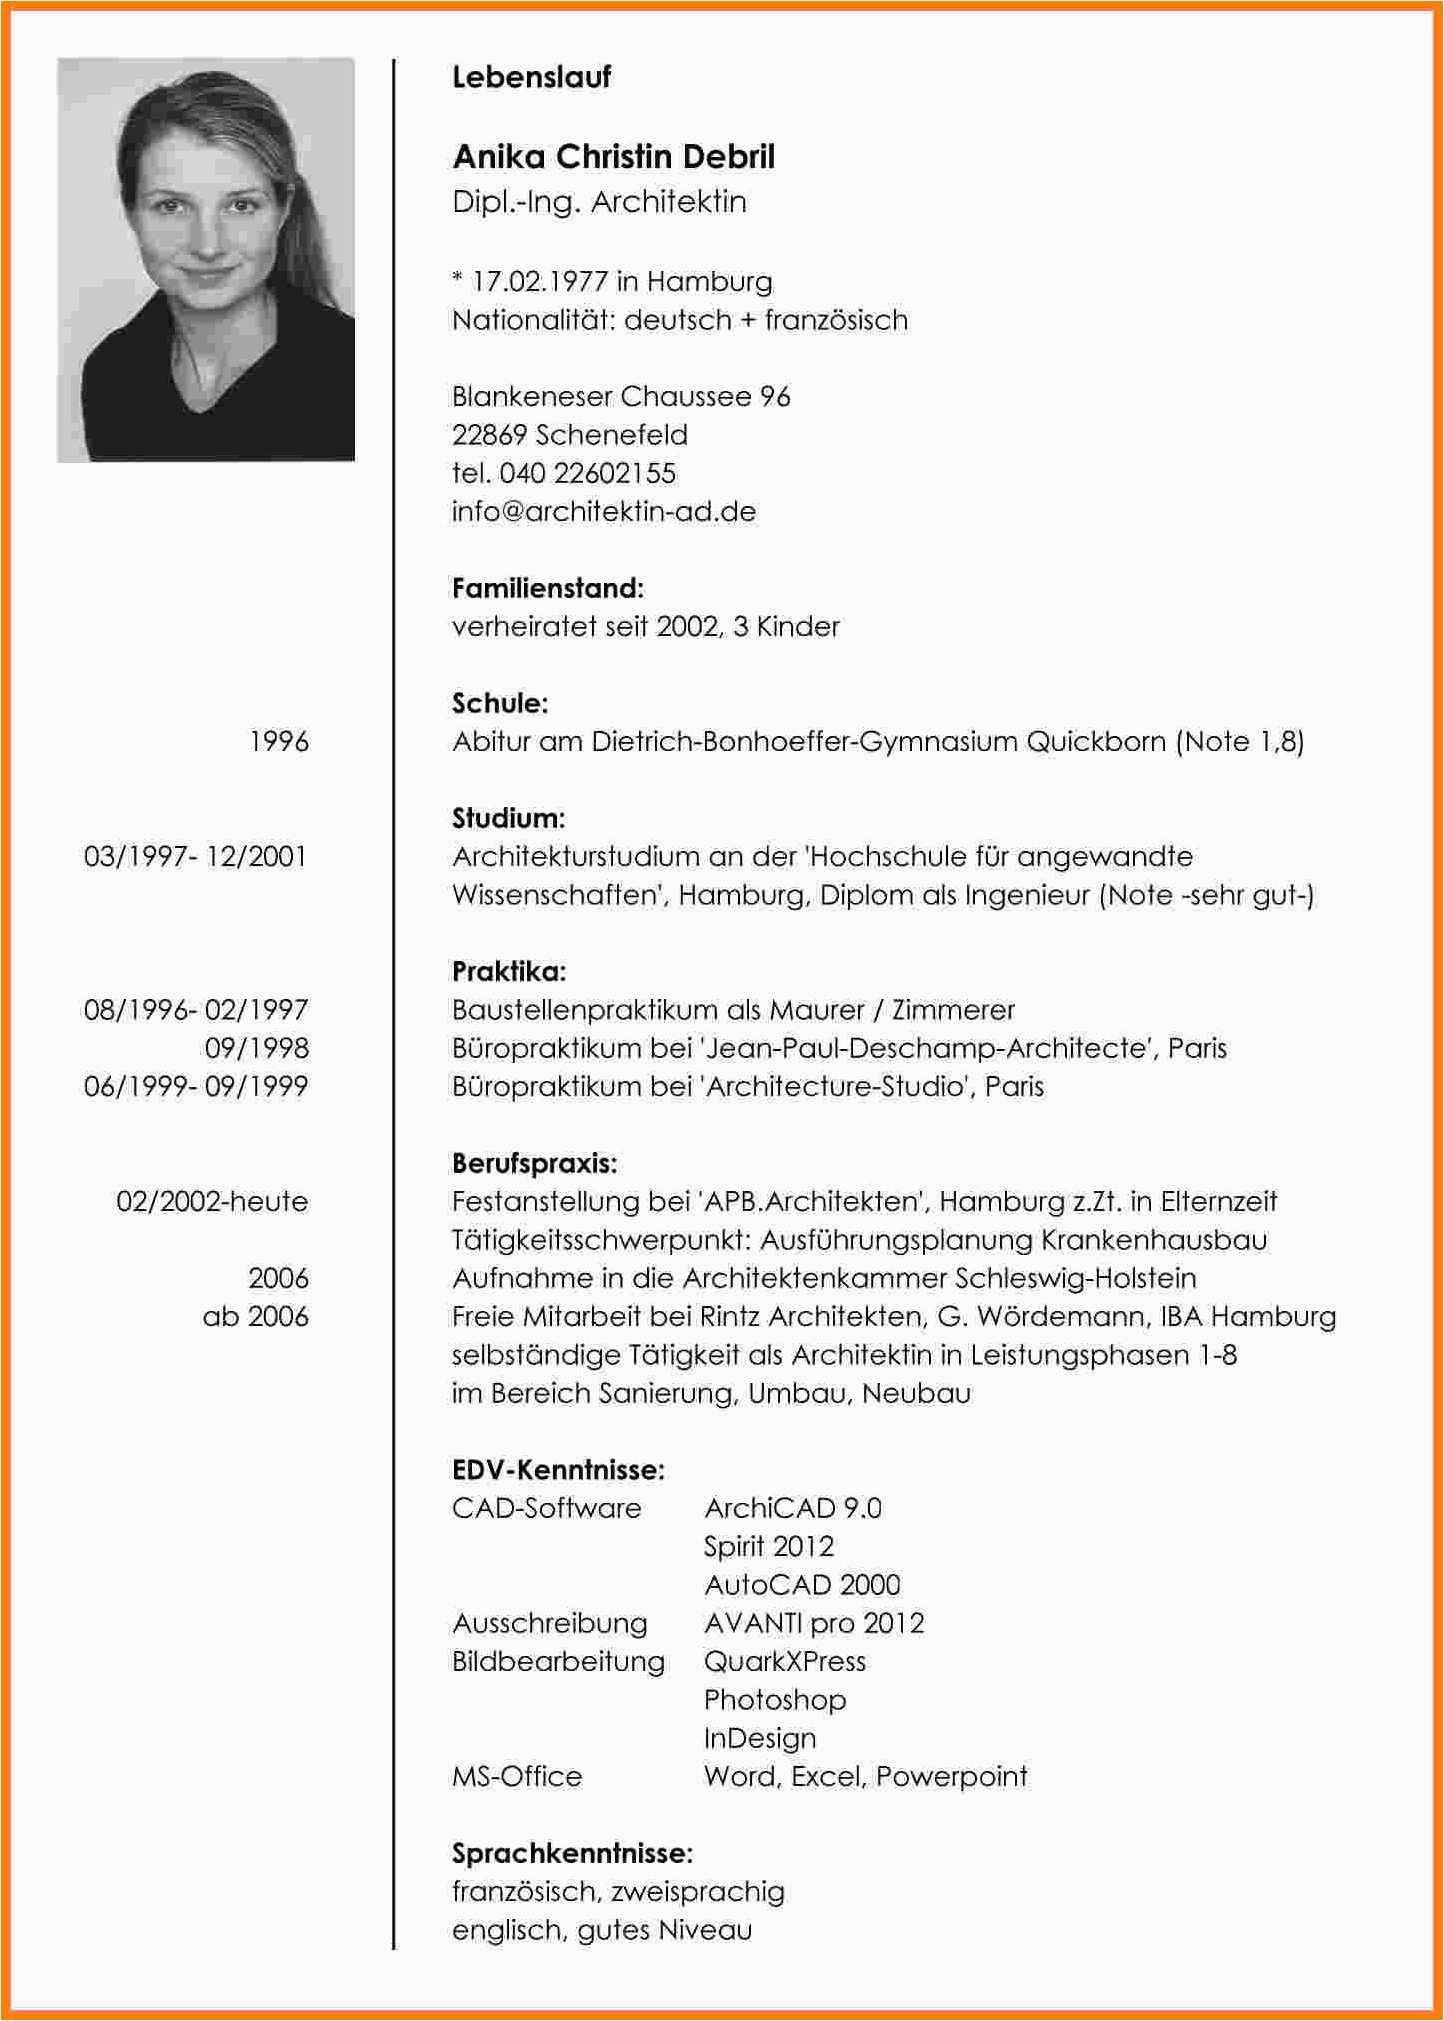 Objective Lebenslauf Deutsch Lebenslauf Vorlagen Lebenslauf Lebenslauf Beispiele